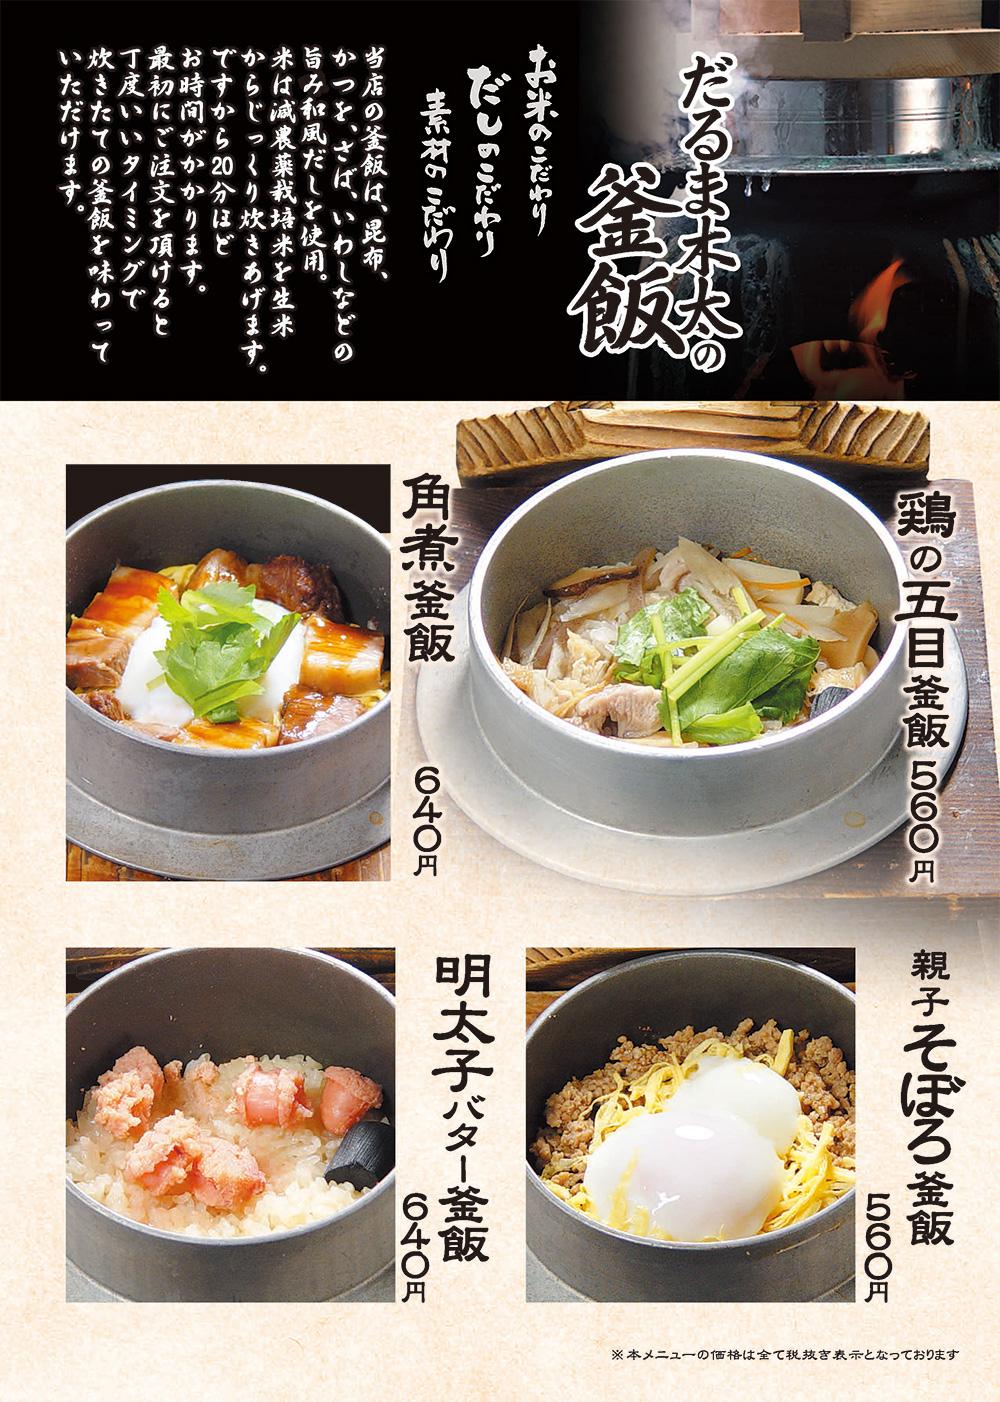 鳥の五目釜飯、角煮釜飯、明太子バター釜飯